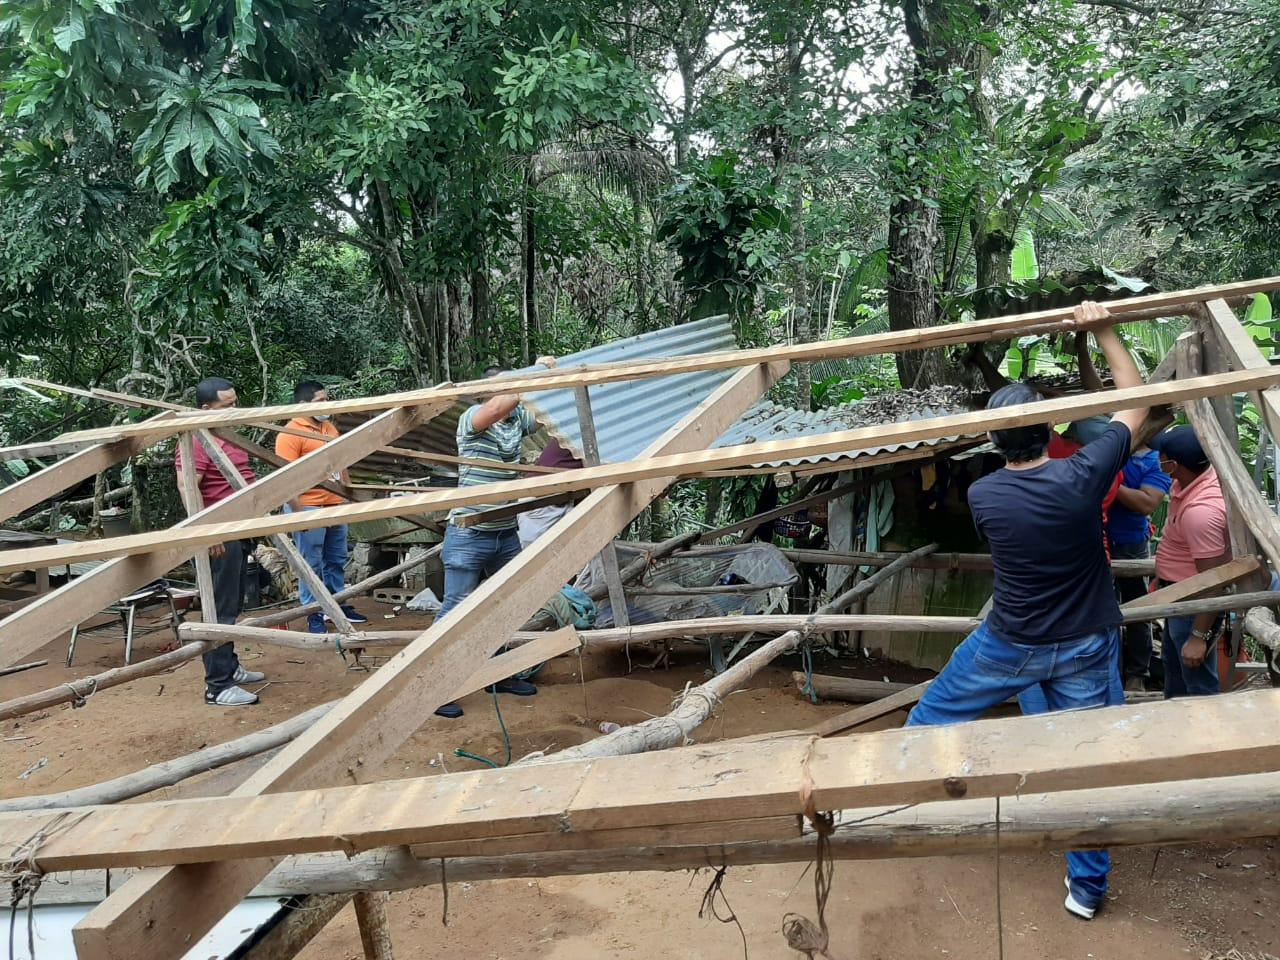 La vivienda de Isidra García fue afectada por las fuertes lluvias que cayeron el pasado  mes de noviembre en Veraguas. Foto: Melquiades Vásquez